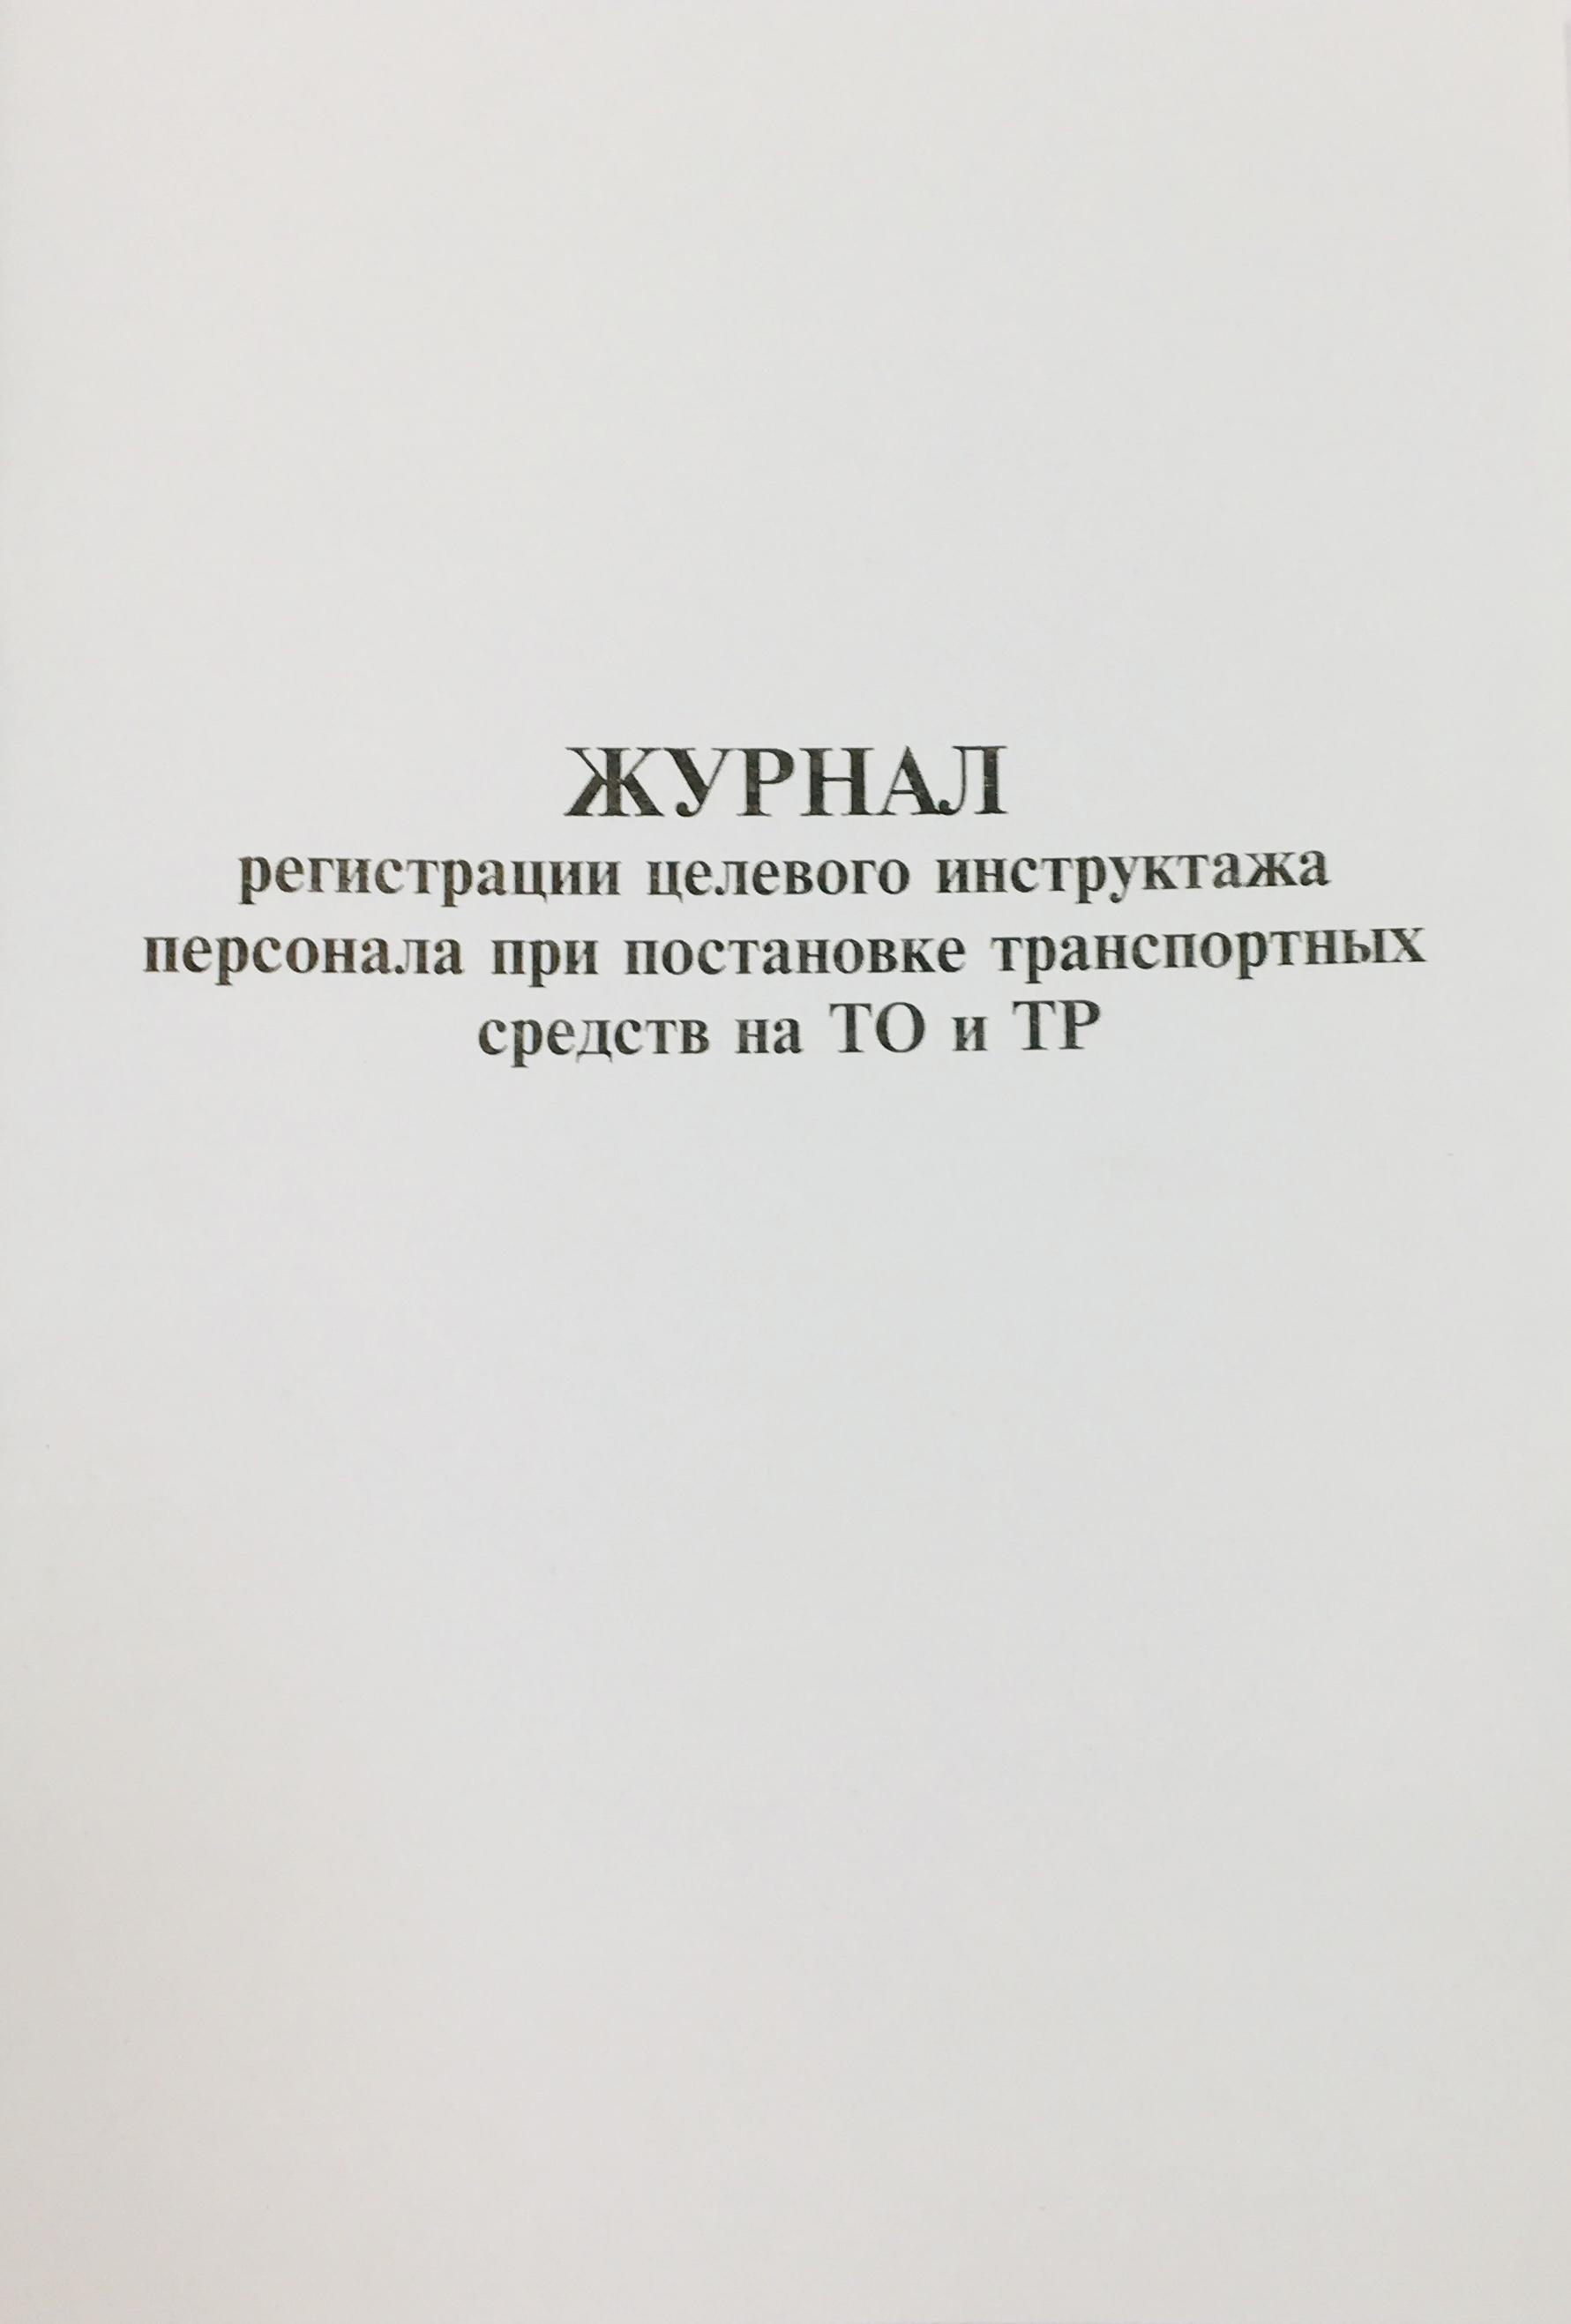 Журнал регистрации целевого инструктажа персонала при постановке транспортных средств на ТО и ТР